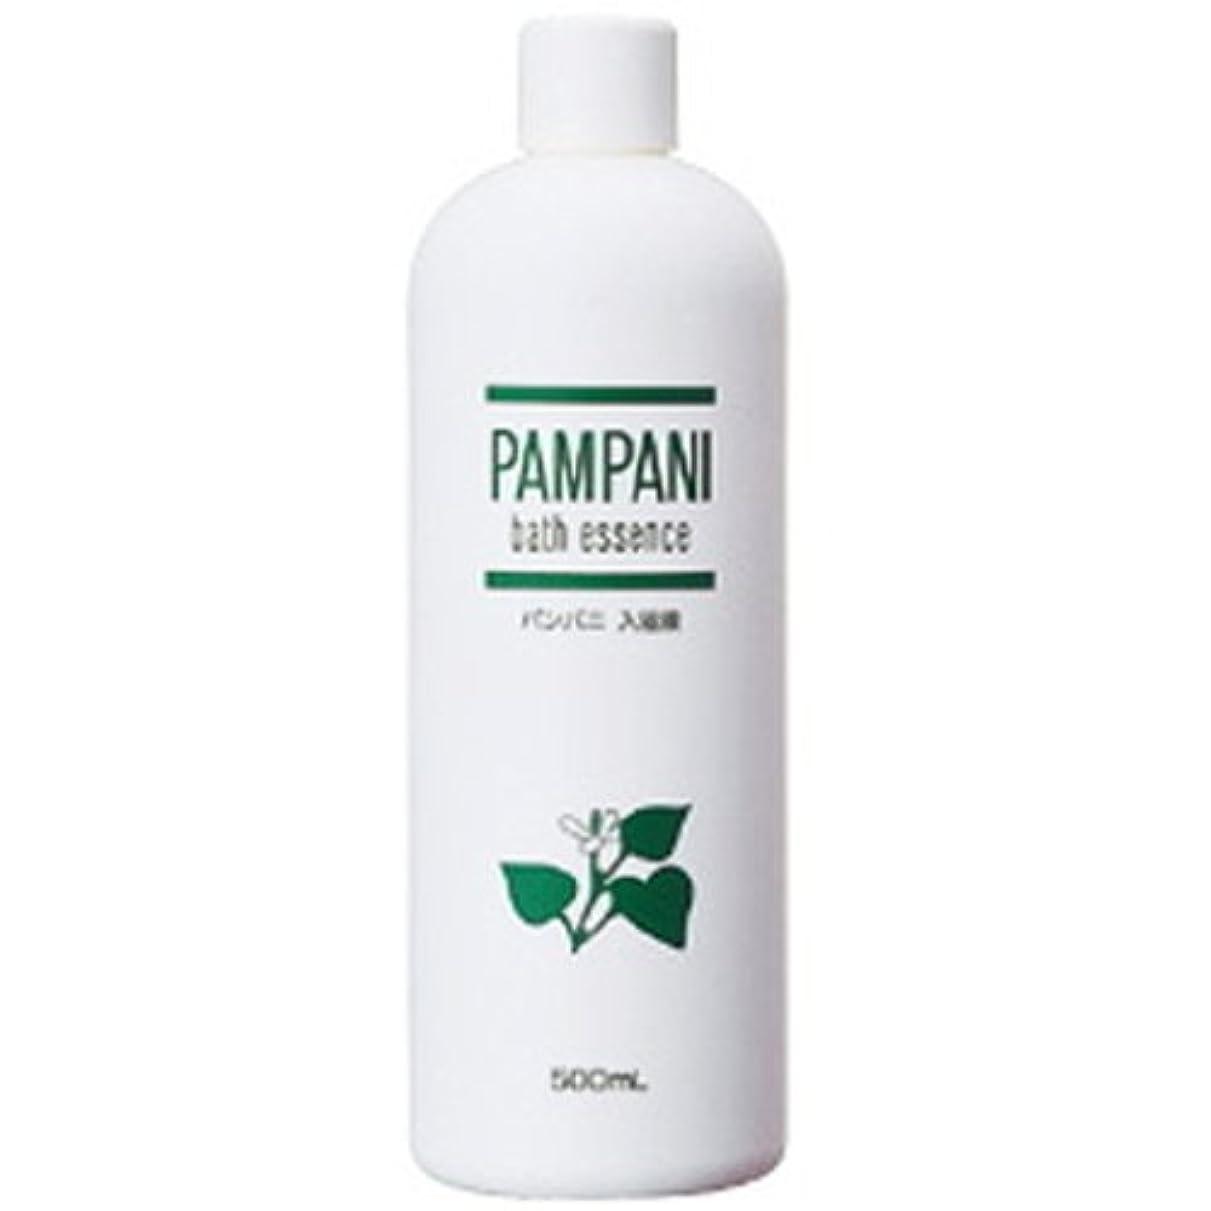 封筒タイプライター留め金パンパニ(PAMPANI) 入浴液(希釈タイプ) 500ml